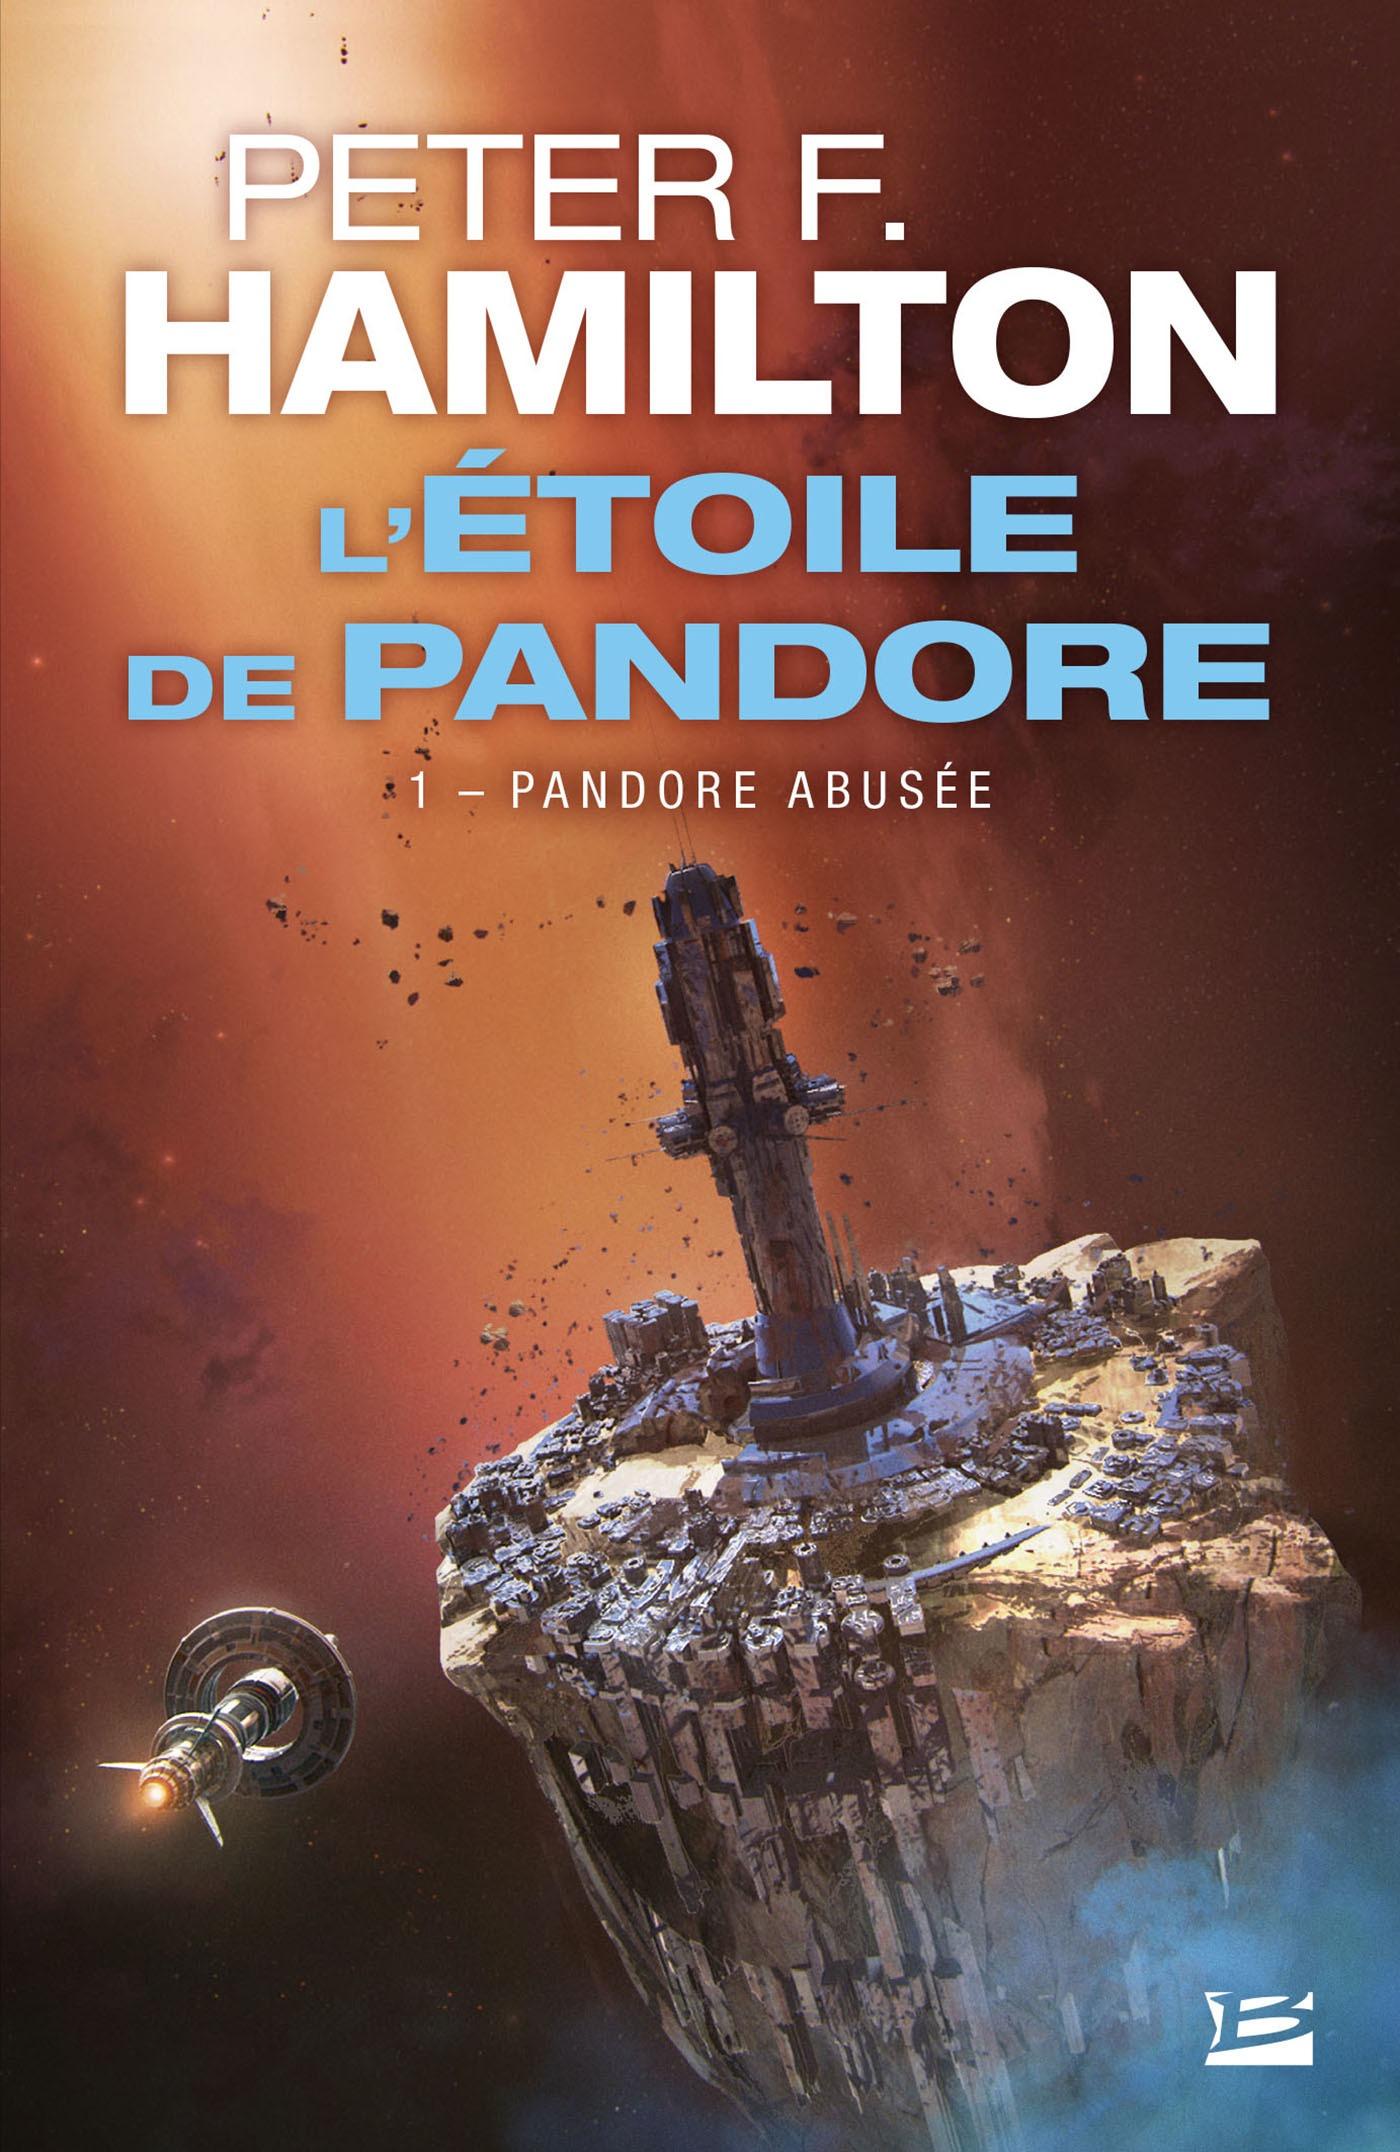 Pandore abusée, L'ÉTOILE DE PANDORE, T1